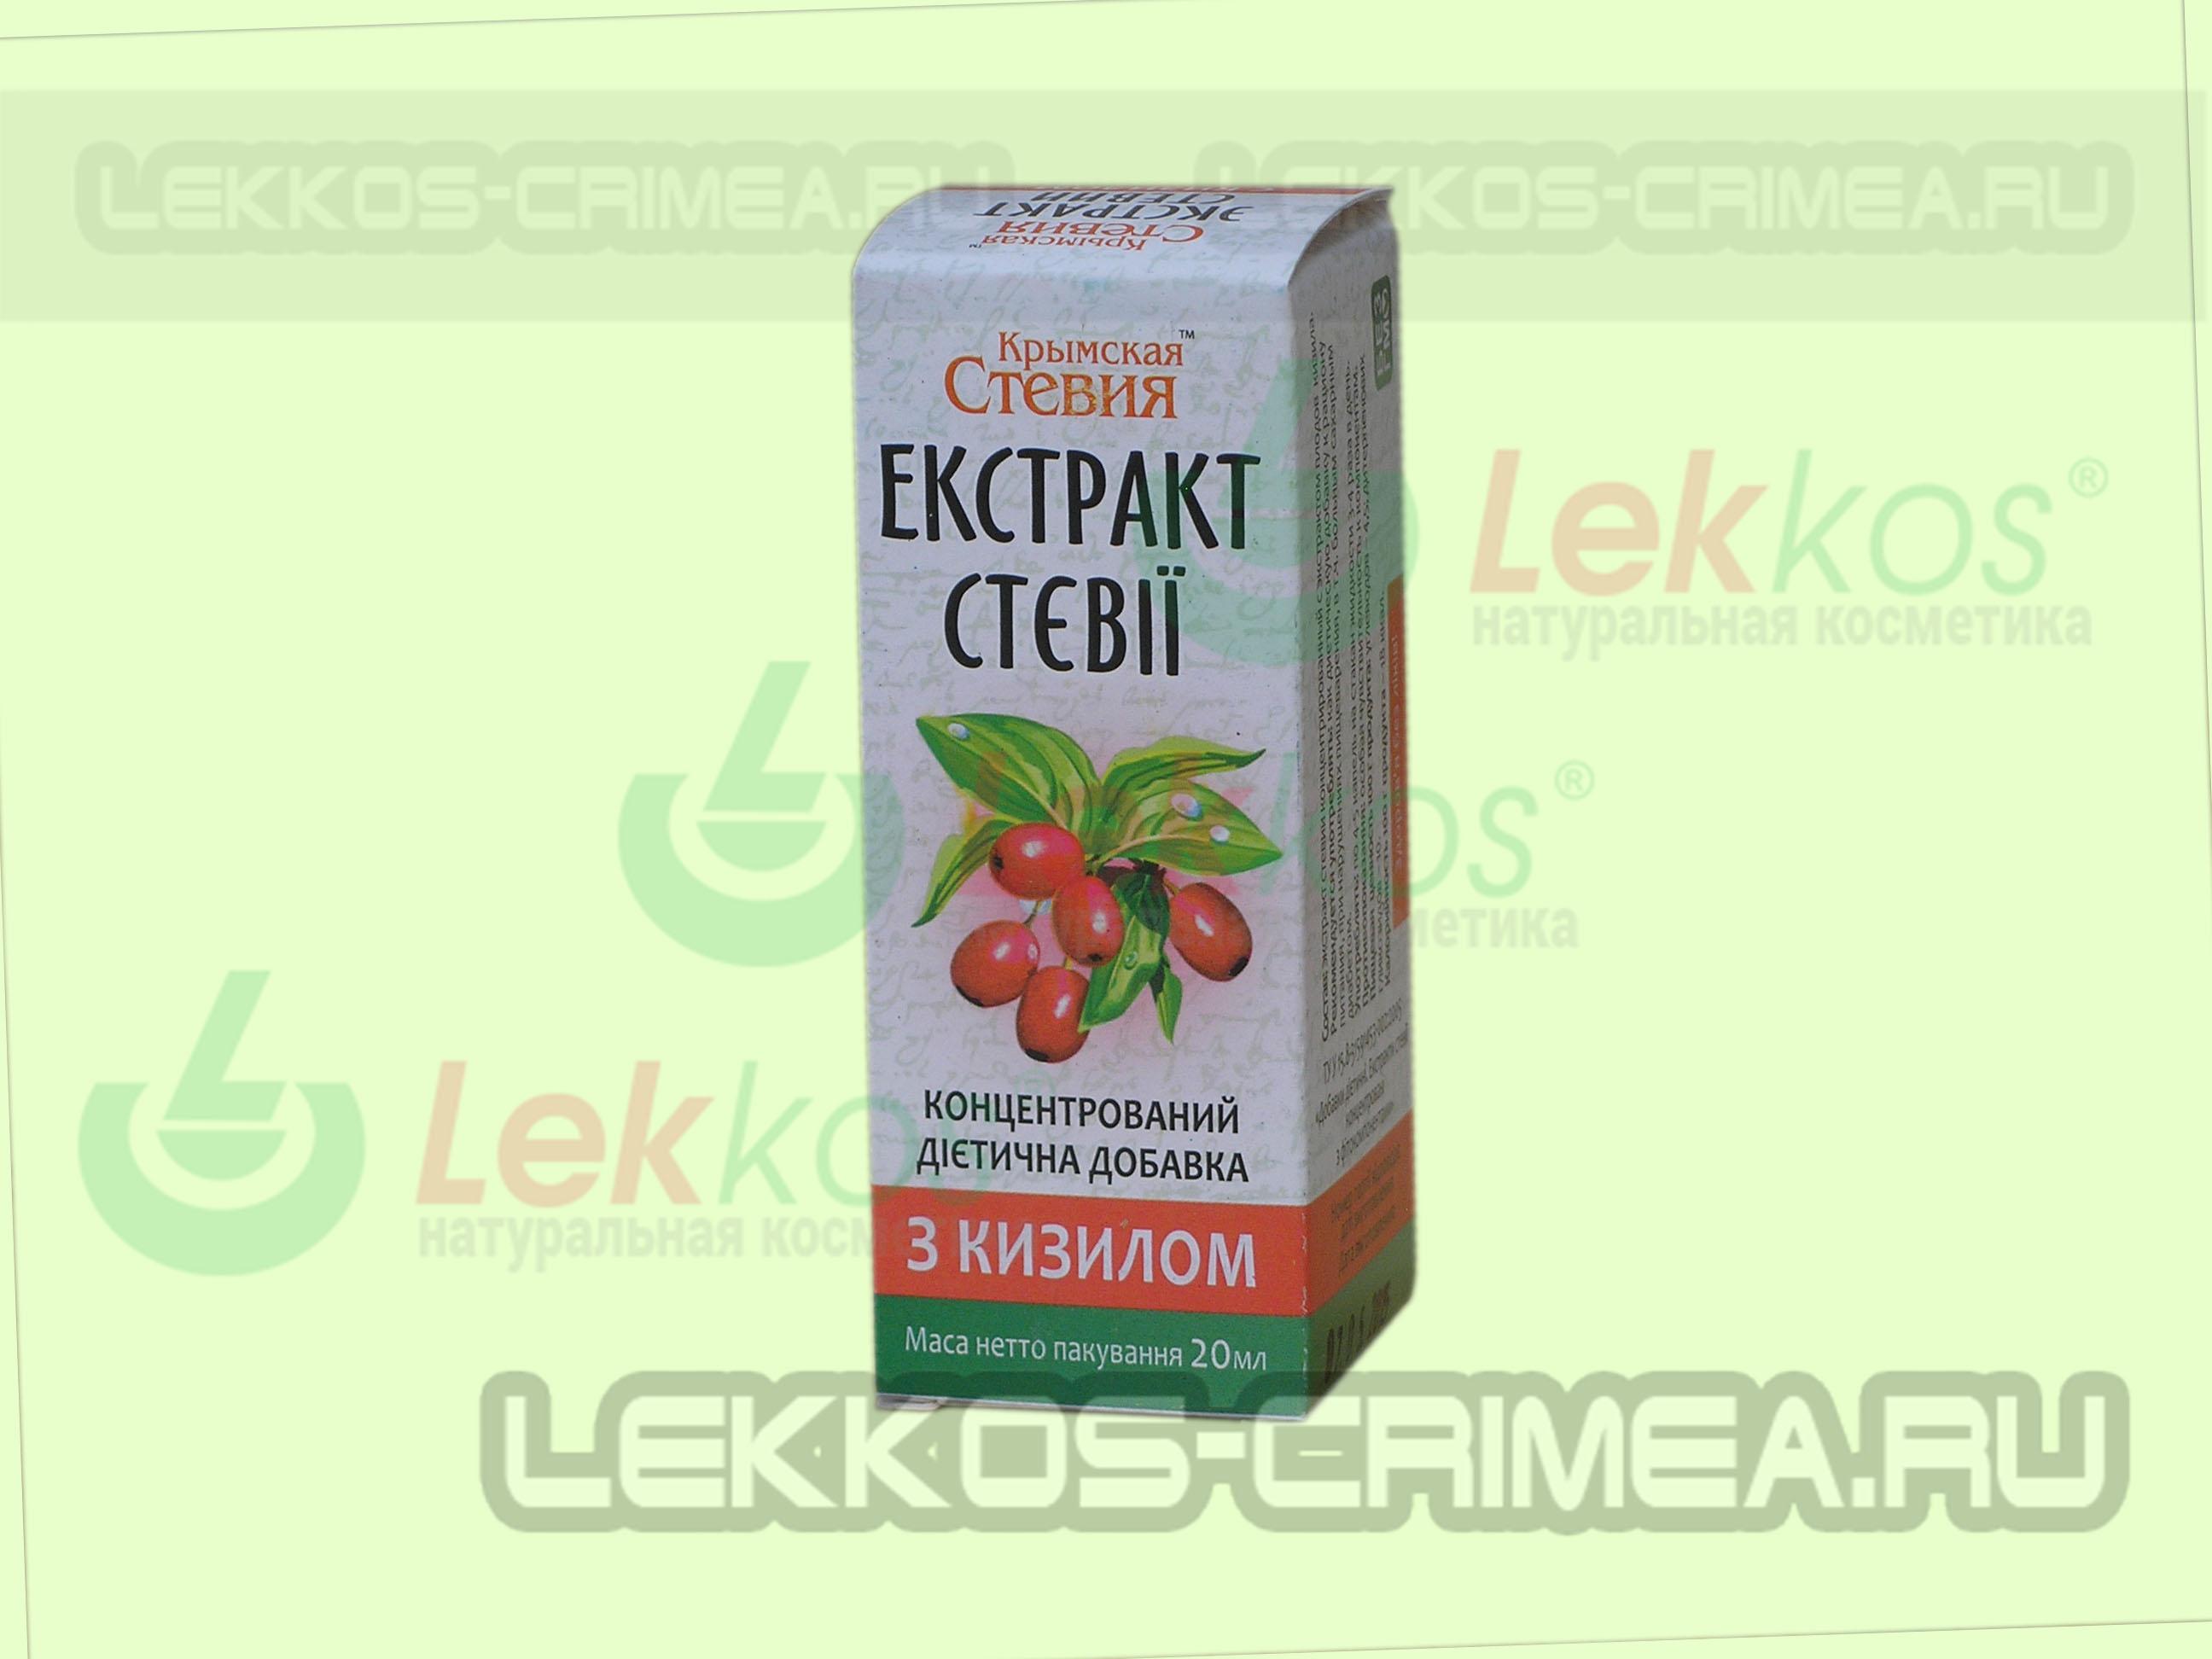 Сироп стевии с экстрактом плодов кизила 20 мл.